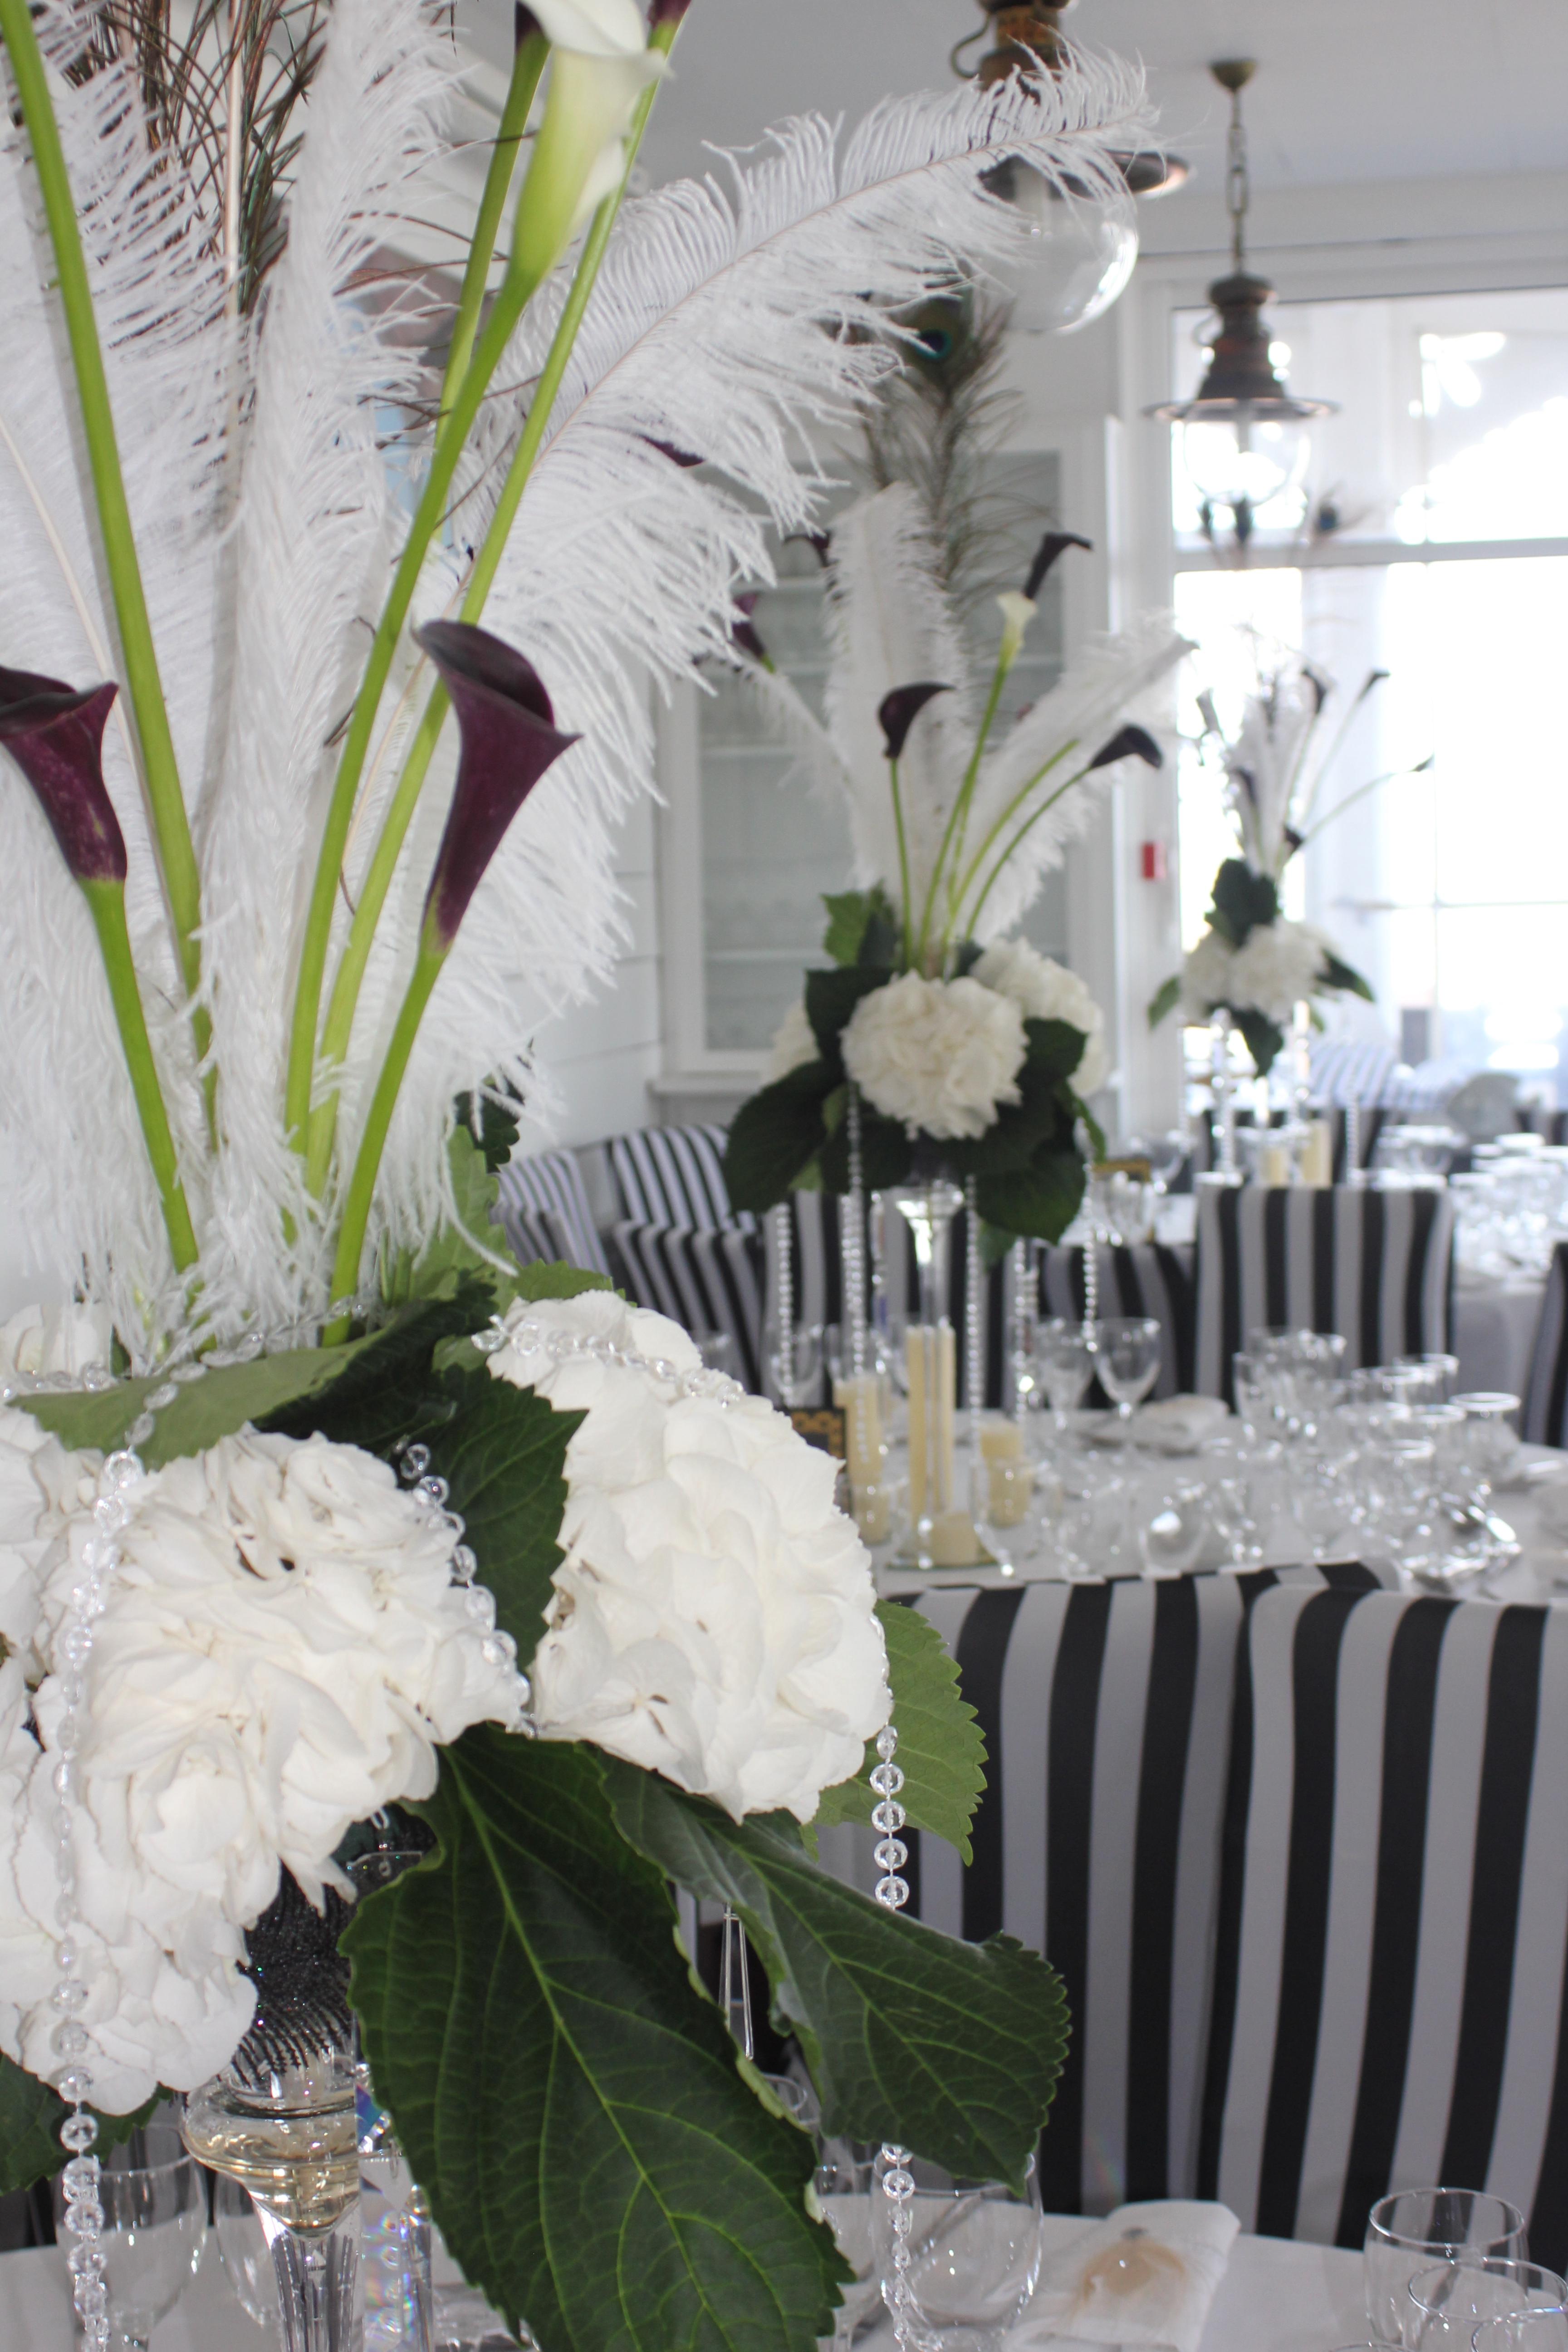 Centre de table haut avec hortensias, callas, plumes d'autruche et plumes de paon